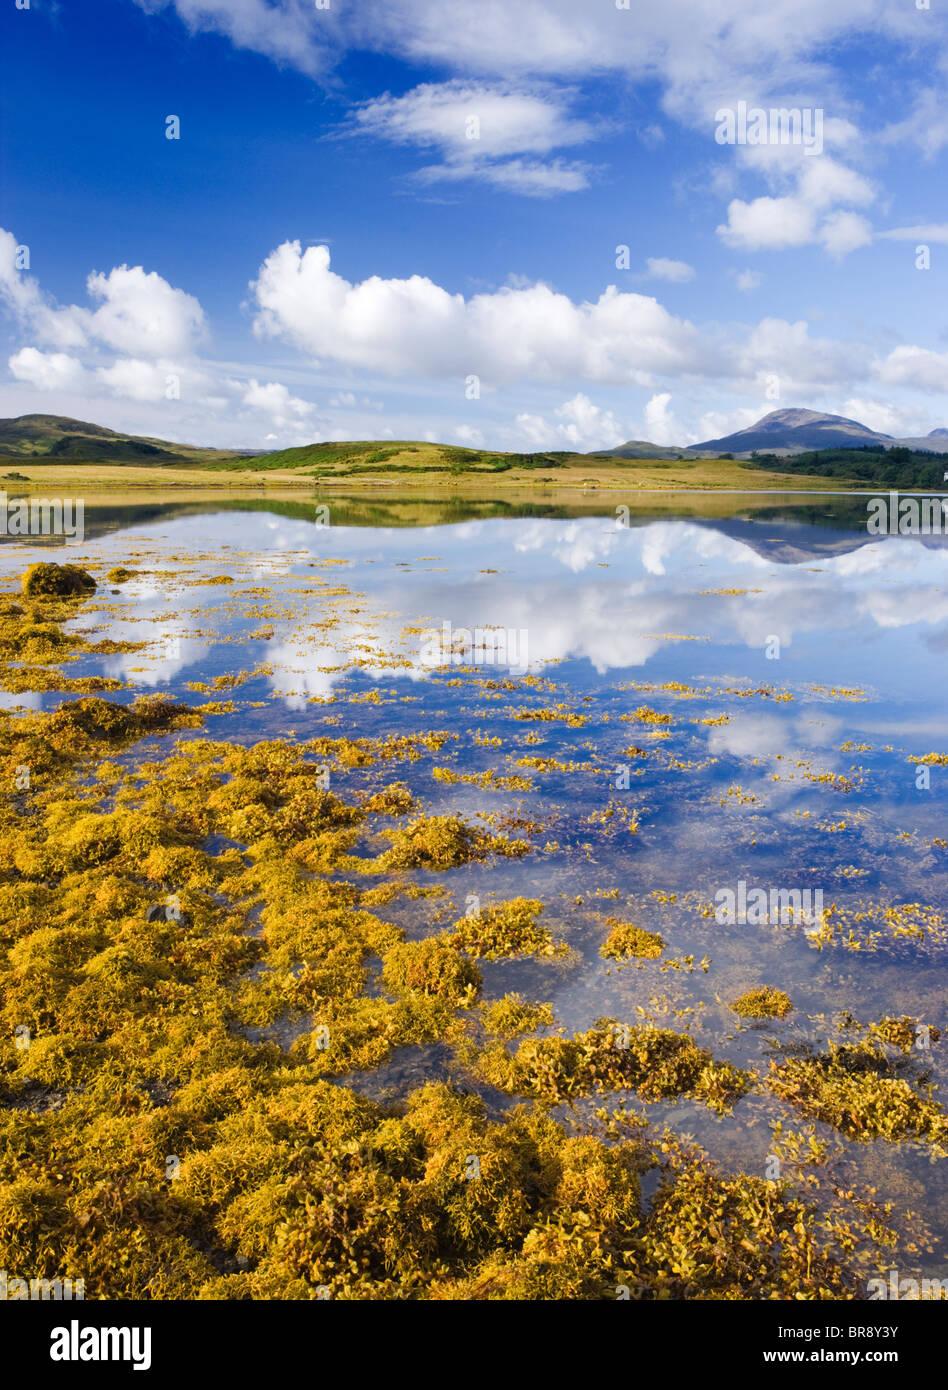 Loch Don, Lochdon, Isle of Mull, Argyll, Scotland, Regno Unito. Immagini Stock